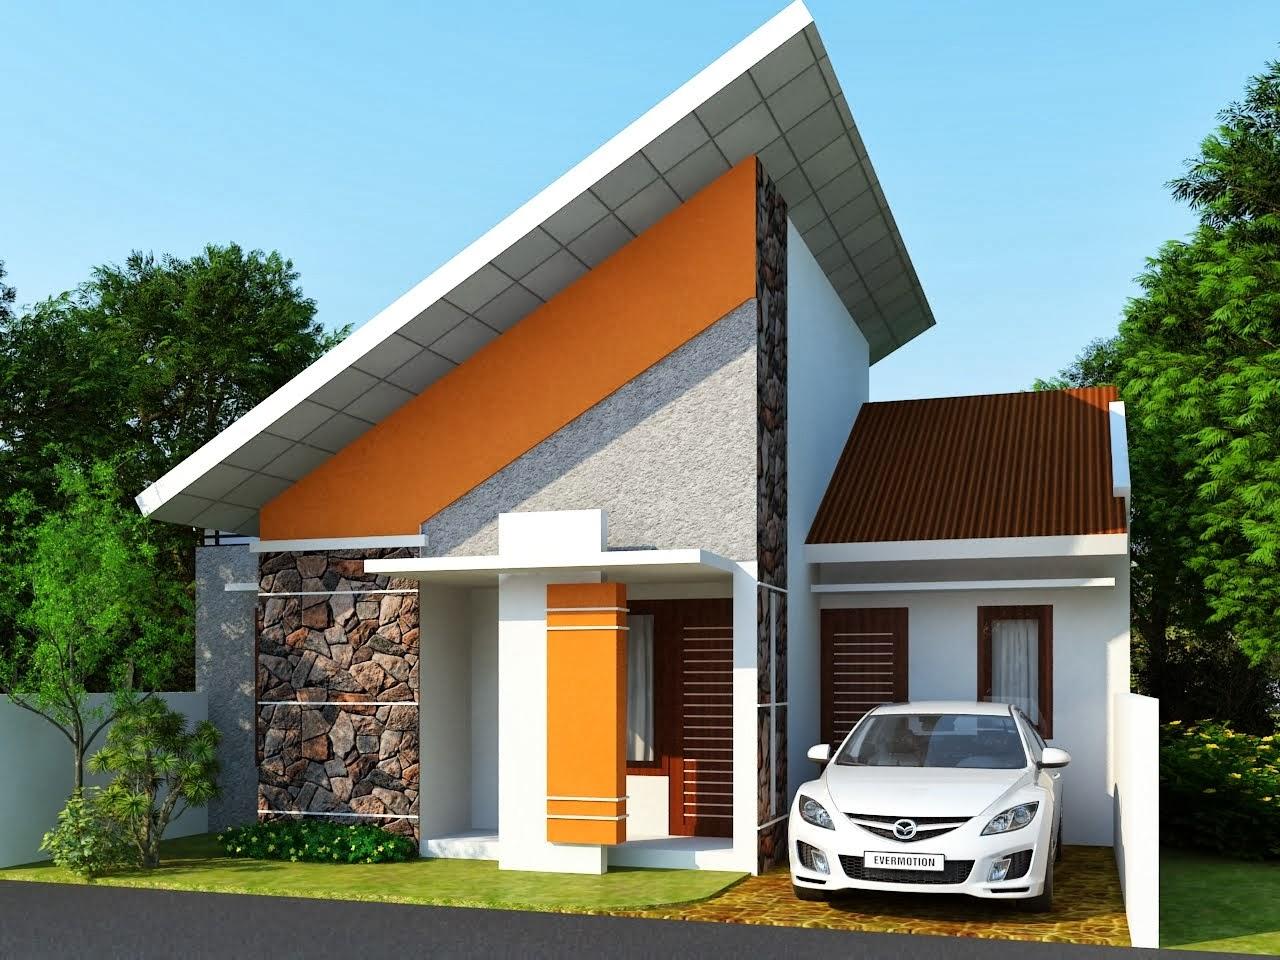 Desain Interior Rumah Antik Modern Minimalis 2016 - Rumah Minimalis Terbaru